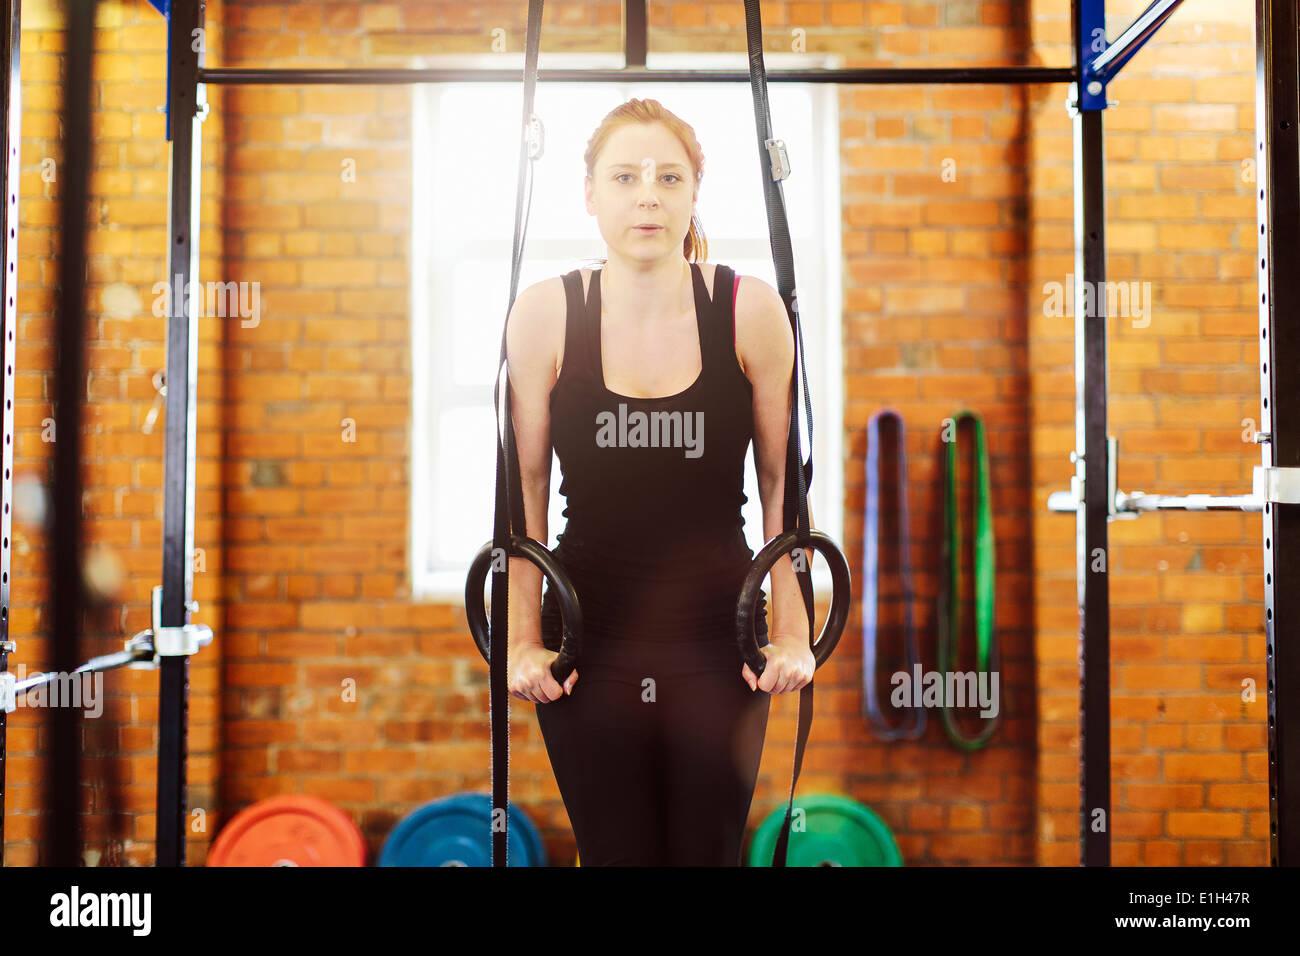 Woman pulling anneaux suspendus dans la salle de sport Photo Stock